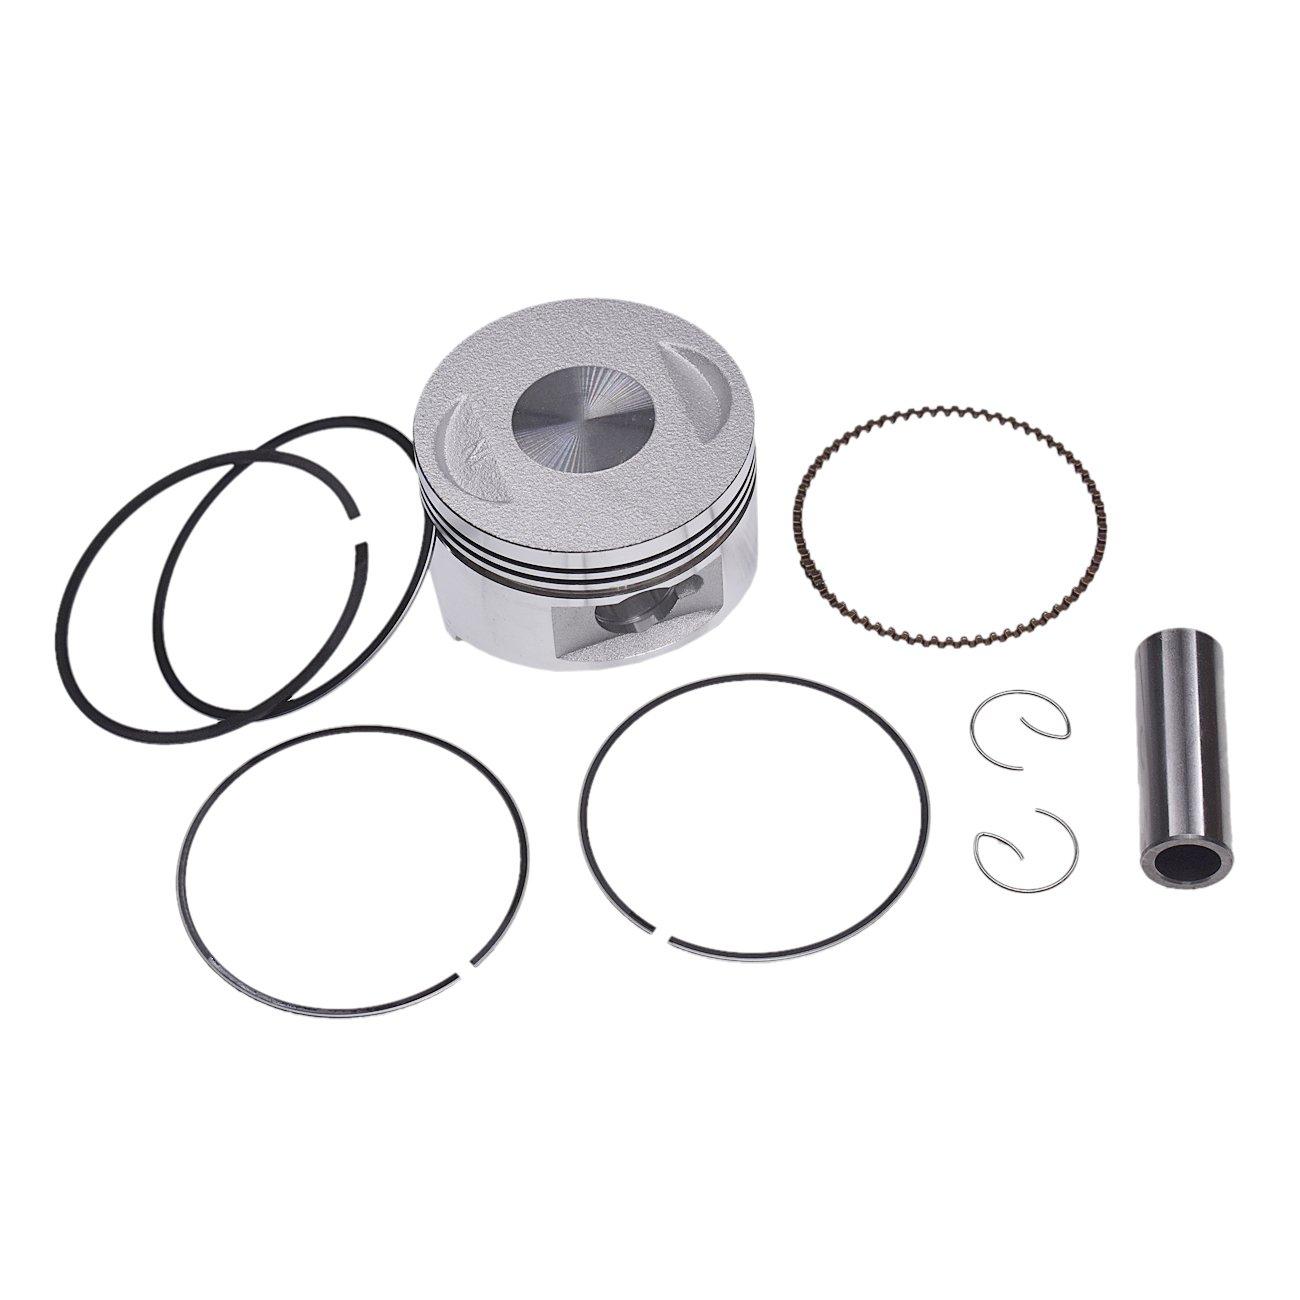 JRL 47cc Piston Kit 40mm Wrist Pin 10MM For Mini Pocket Bike MTA1 MTA2